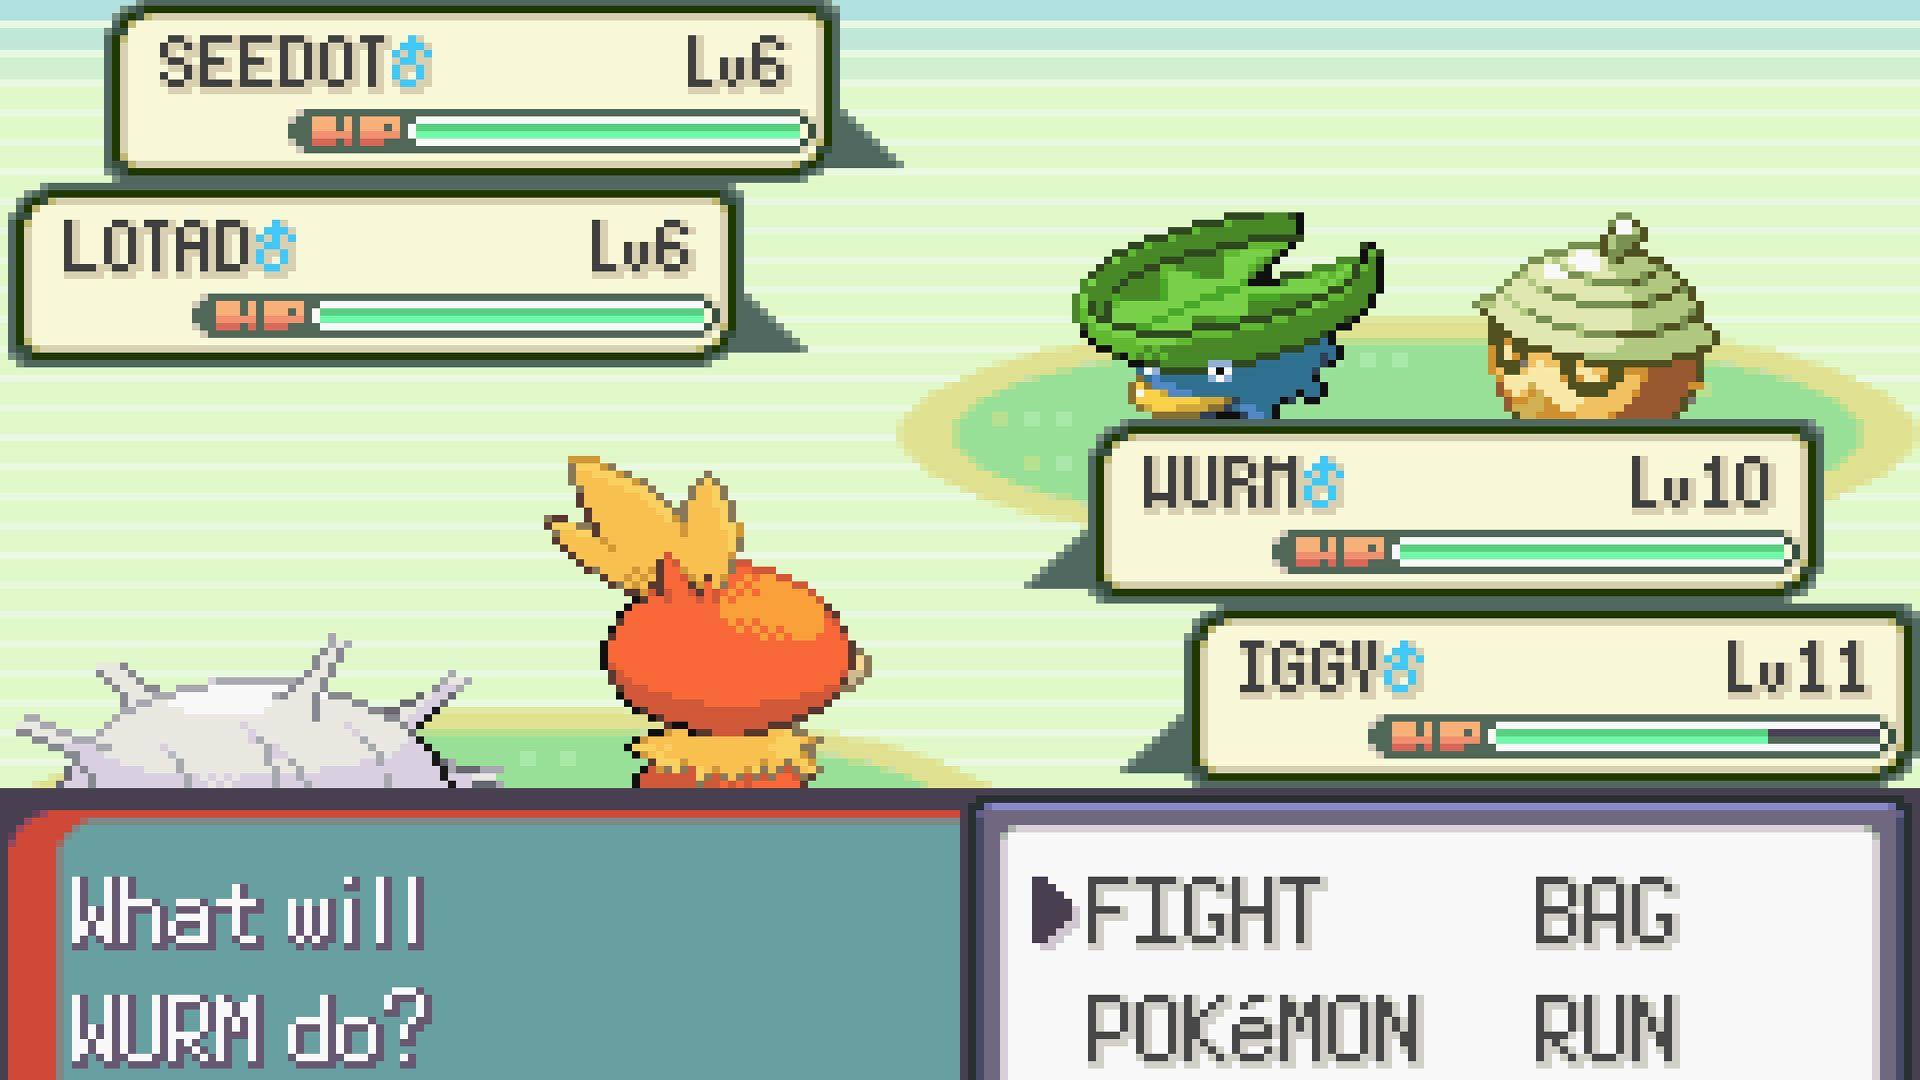 Luta pokémon em dupla no Game Boy Advance, com um Cascoon e Torchic do lado do jogador e um Lotad e Seedot do lado oponente em uma tela de grama.